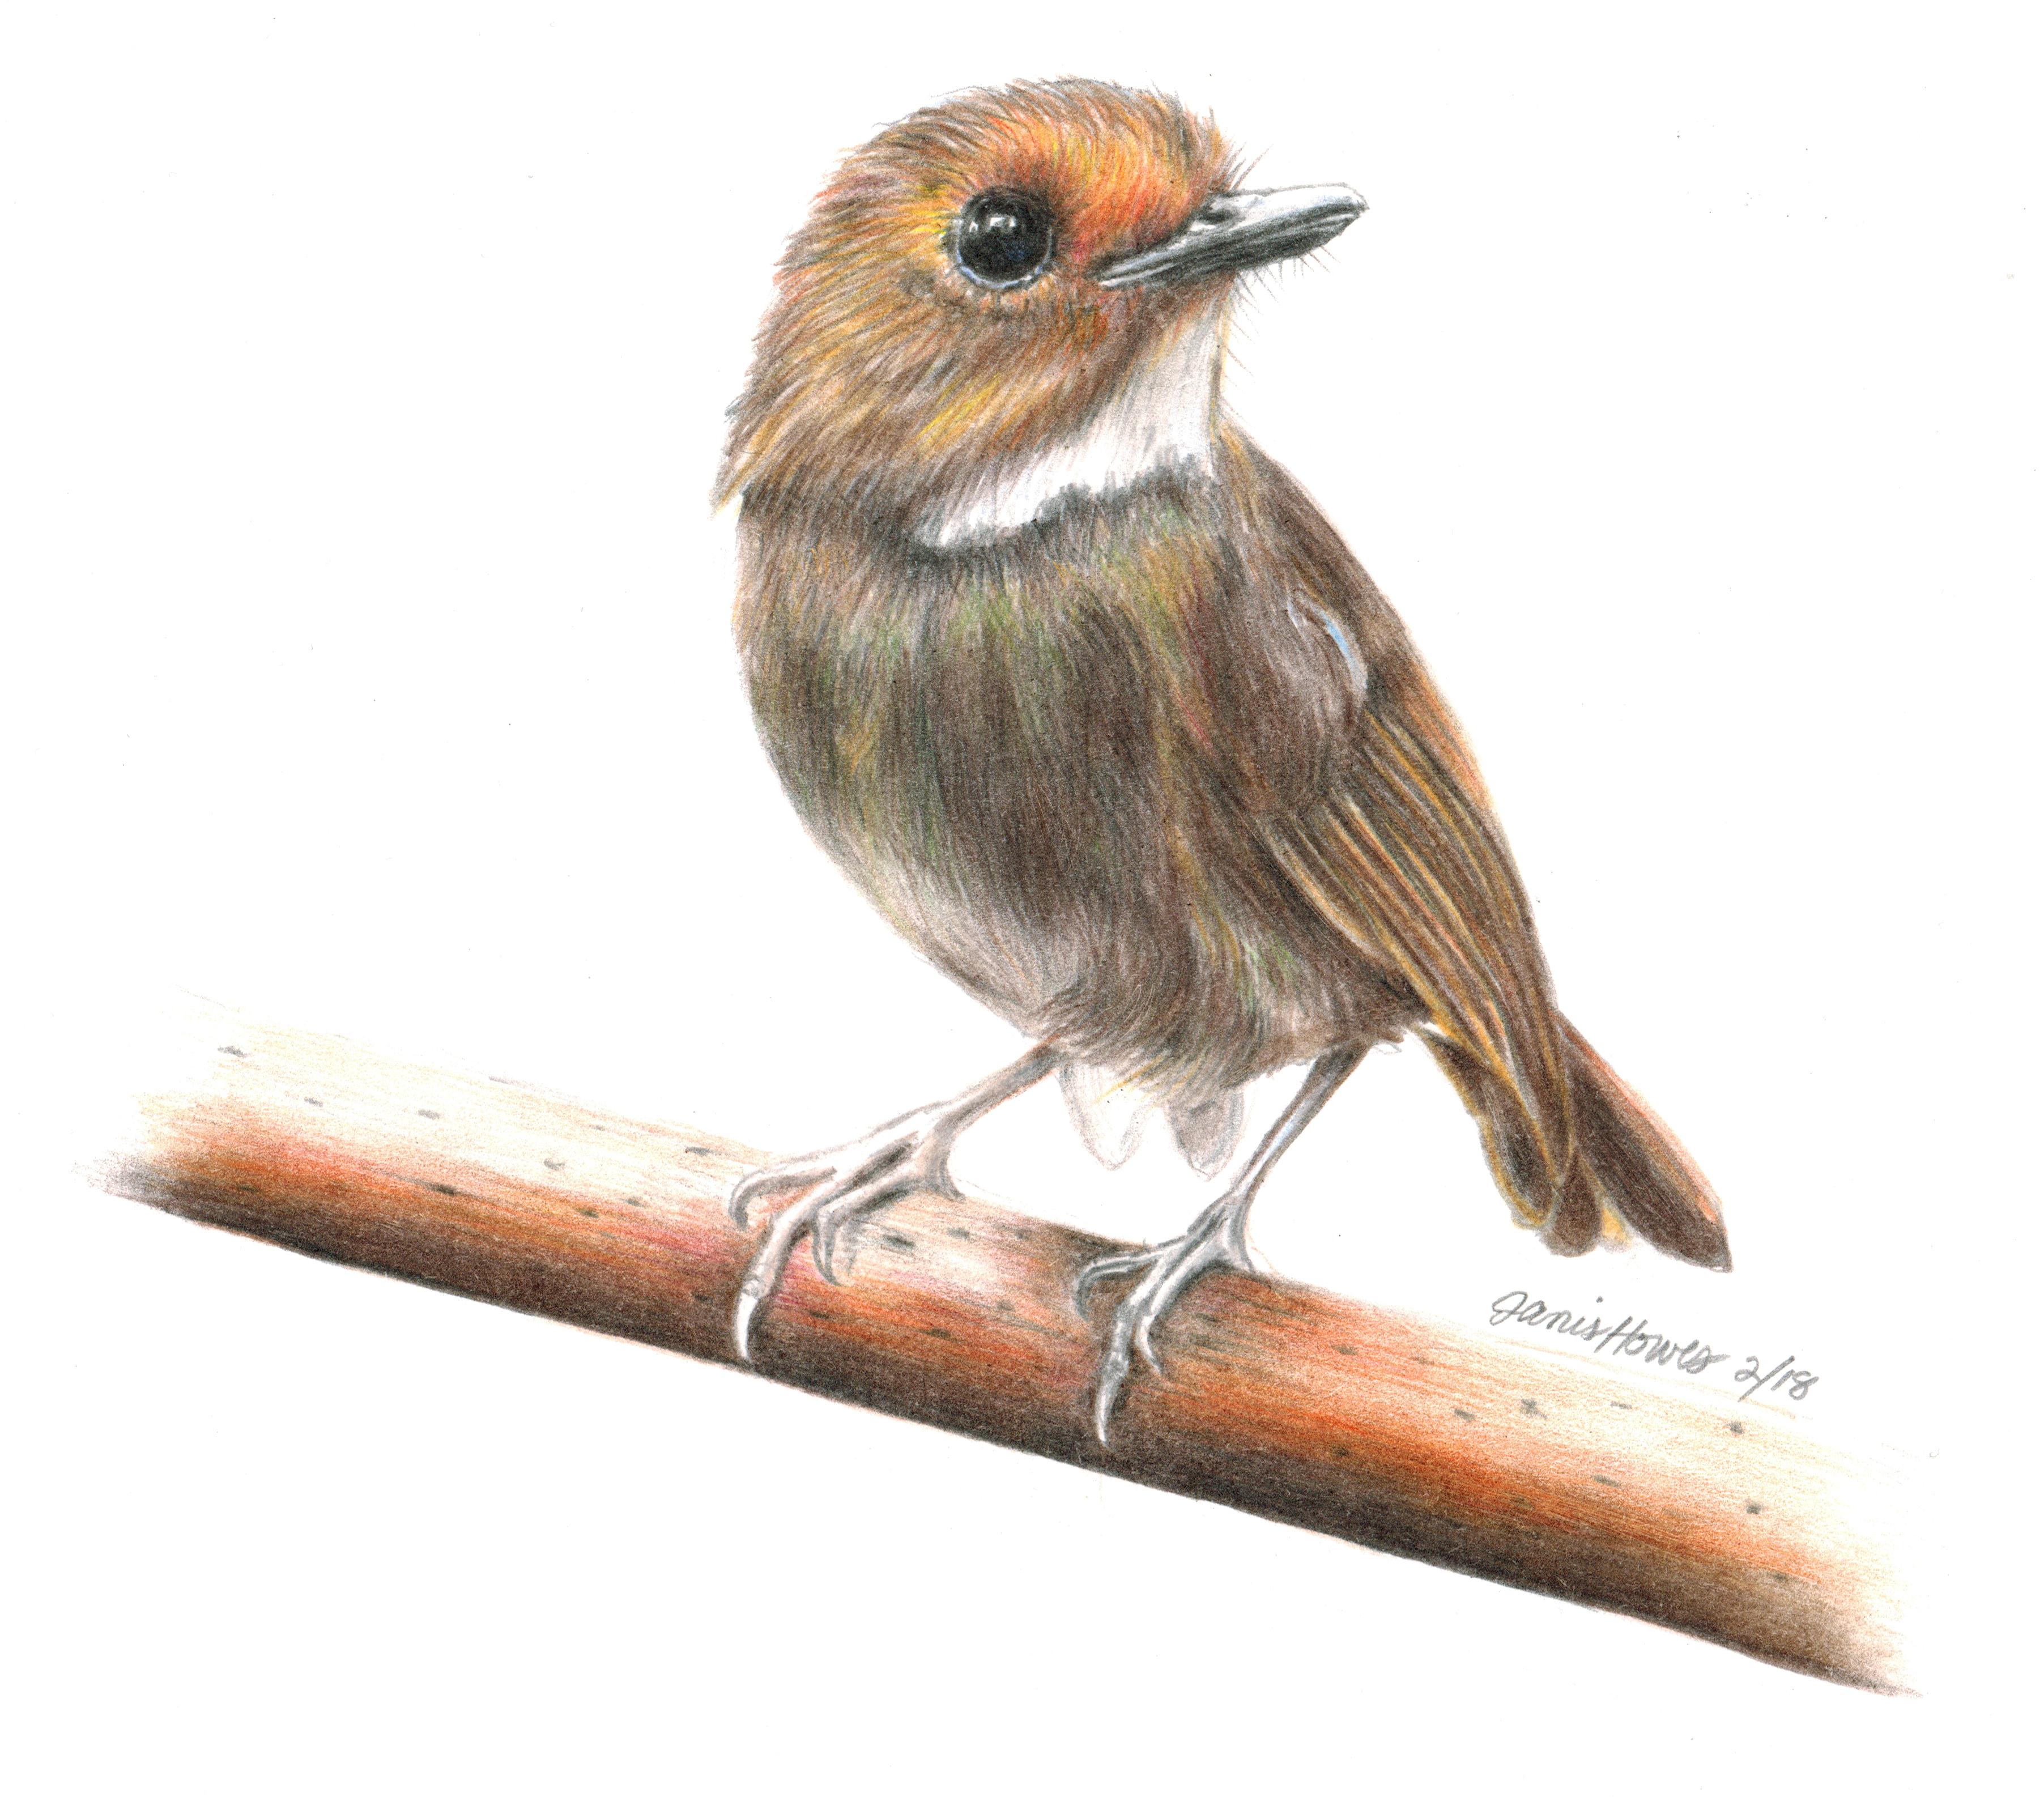 Rufus-browed Flycatcher